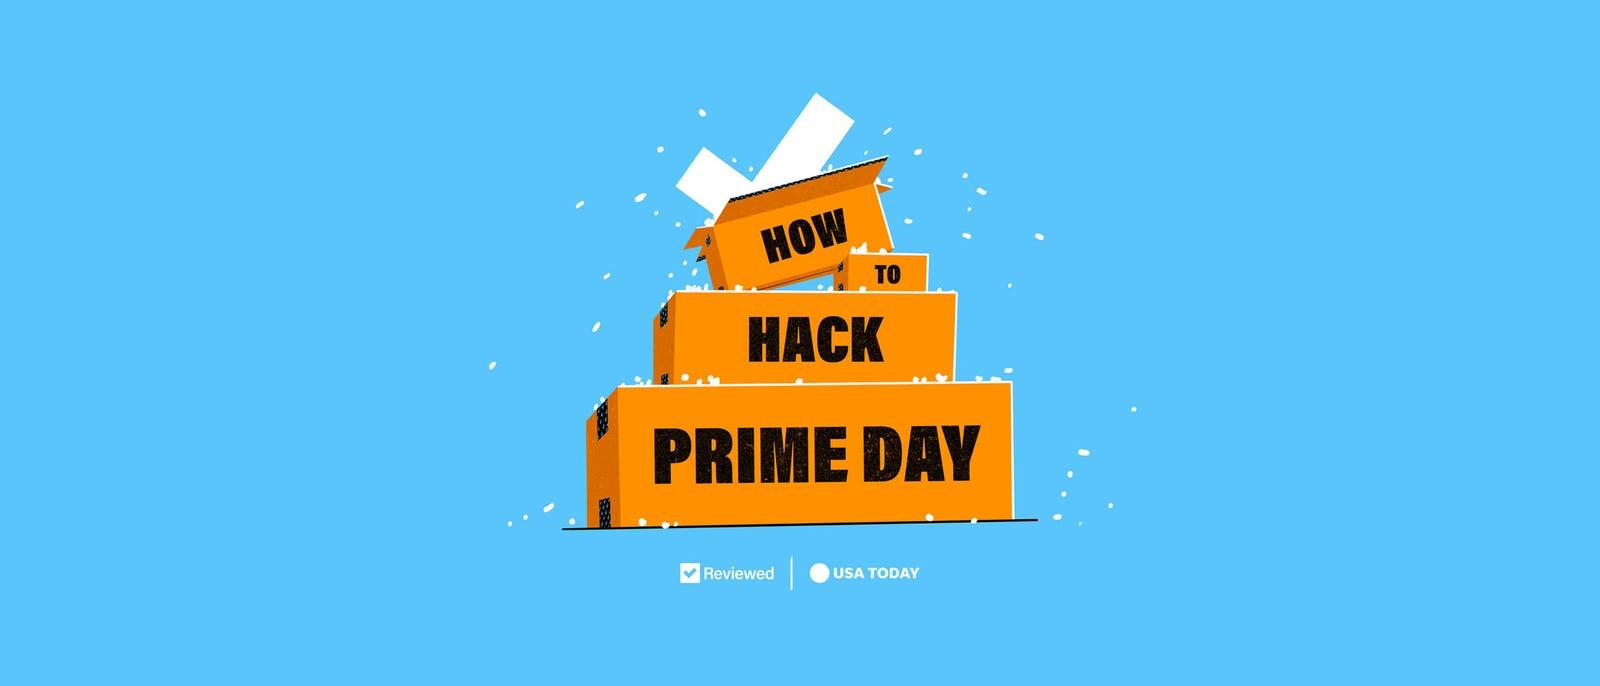 https://www.gannett-cdn.com/indepth-static-assets/uploads/master/7497706002/07f9b2cd-ebb6-46ab-9053-40f3c6088b42-hack-prime-day-v2.jpg